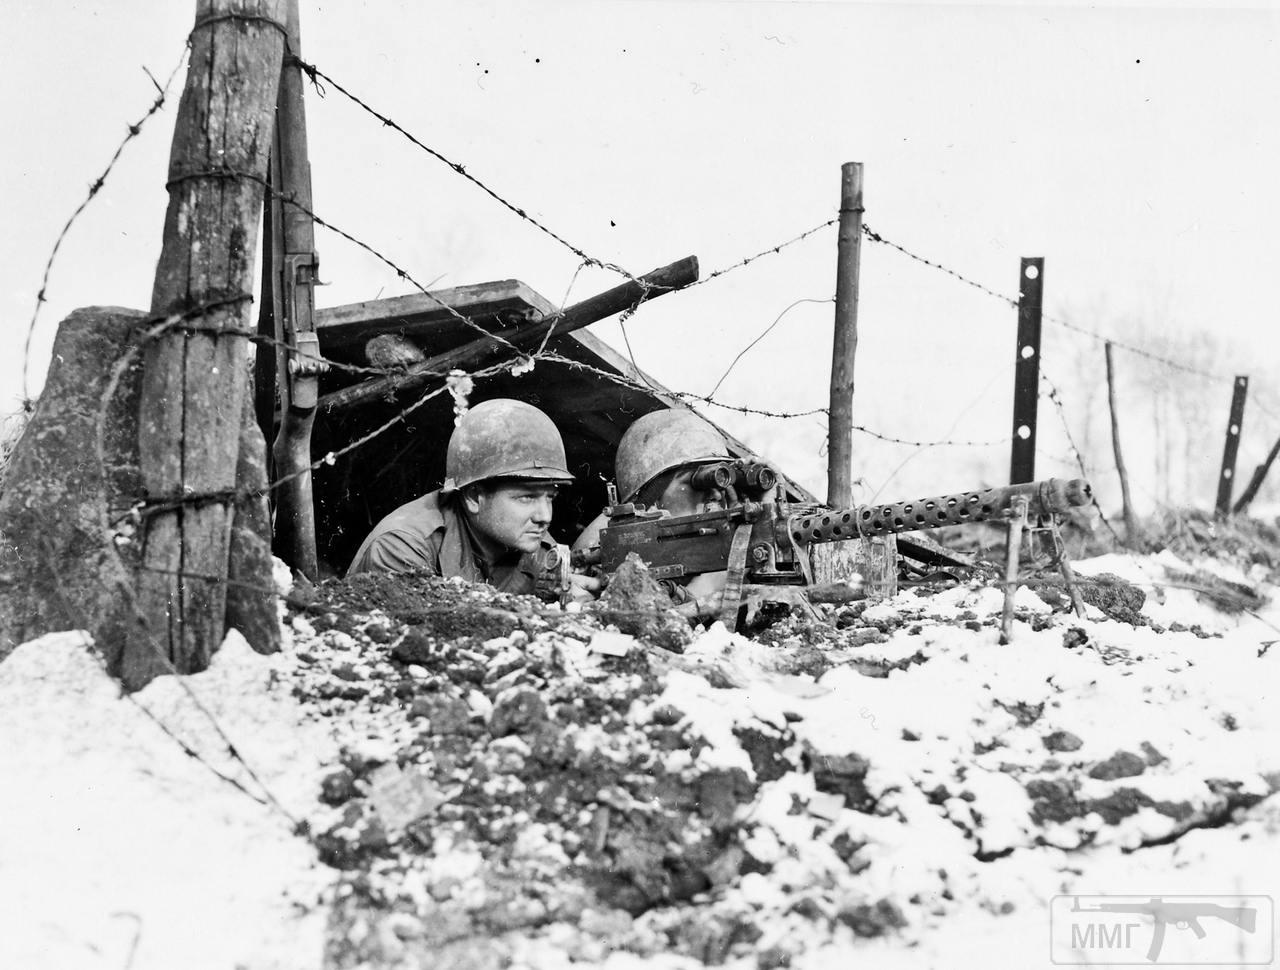 74882 - Военное фото 1939-1945 г.г. Западный фронт и Африка.